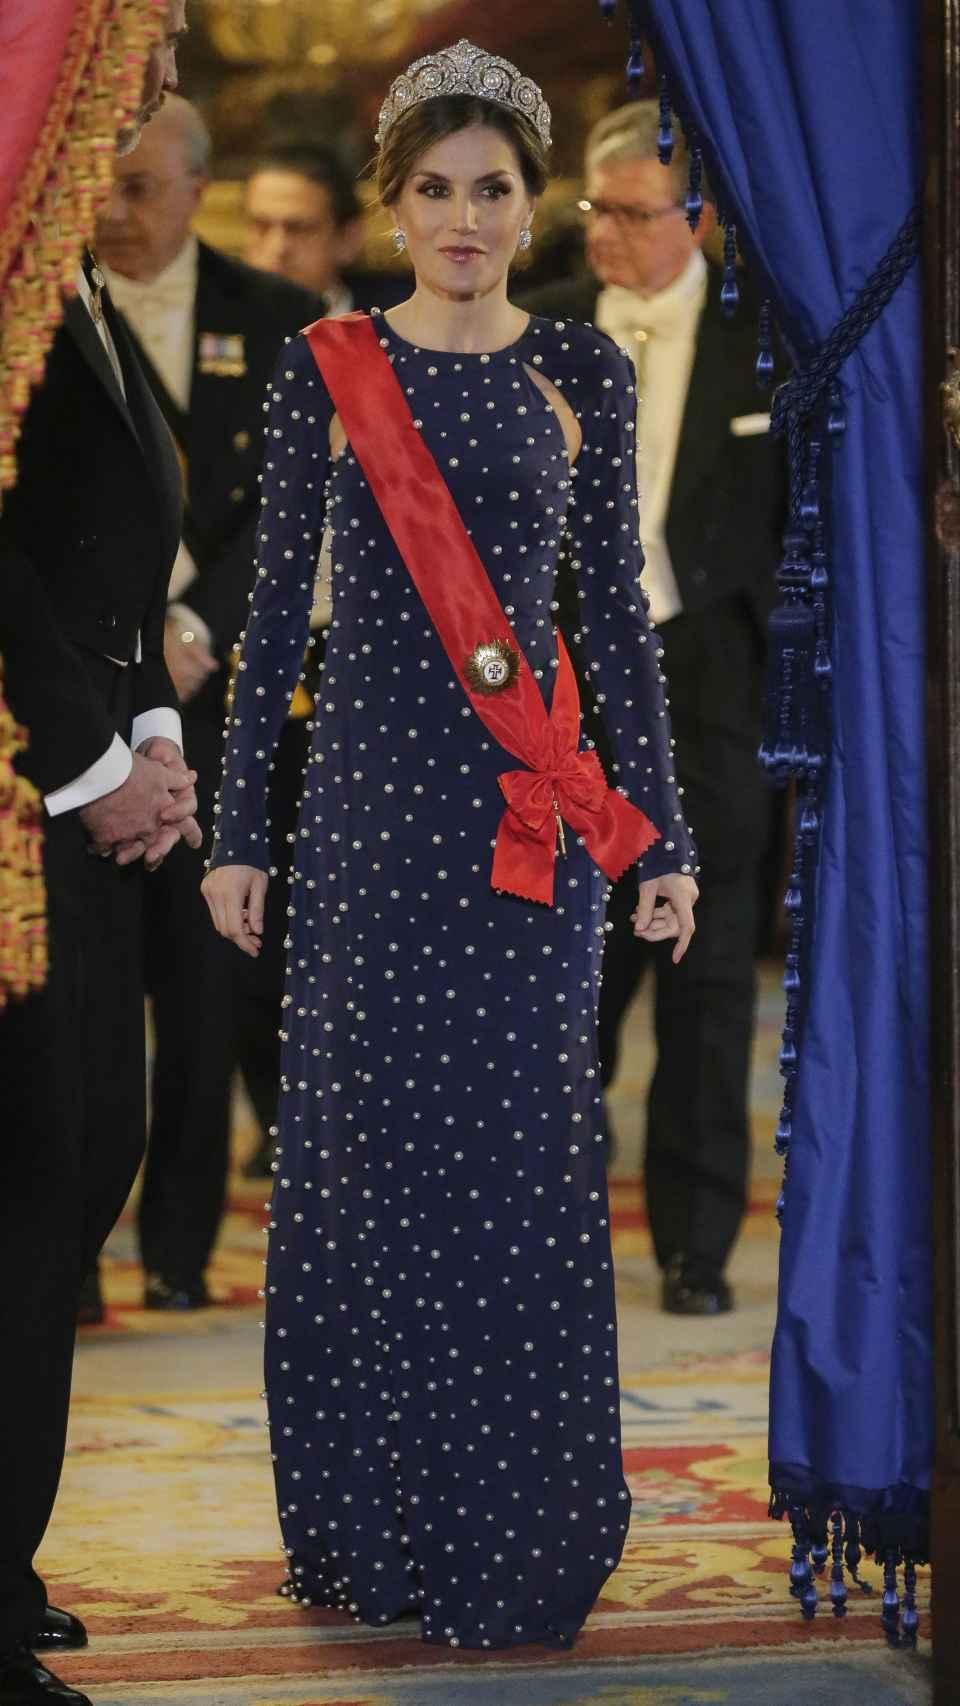 La reina Letizia eligió este original vestido creado por Ana Locking  en 2018 con motivo de una recepción con el presidente de Portugal.